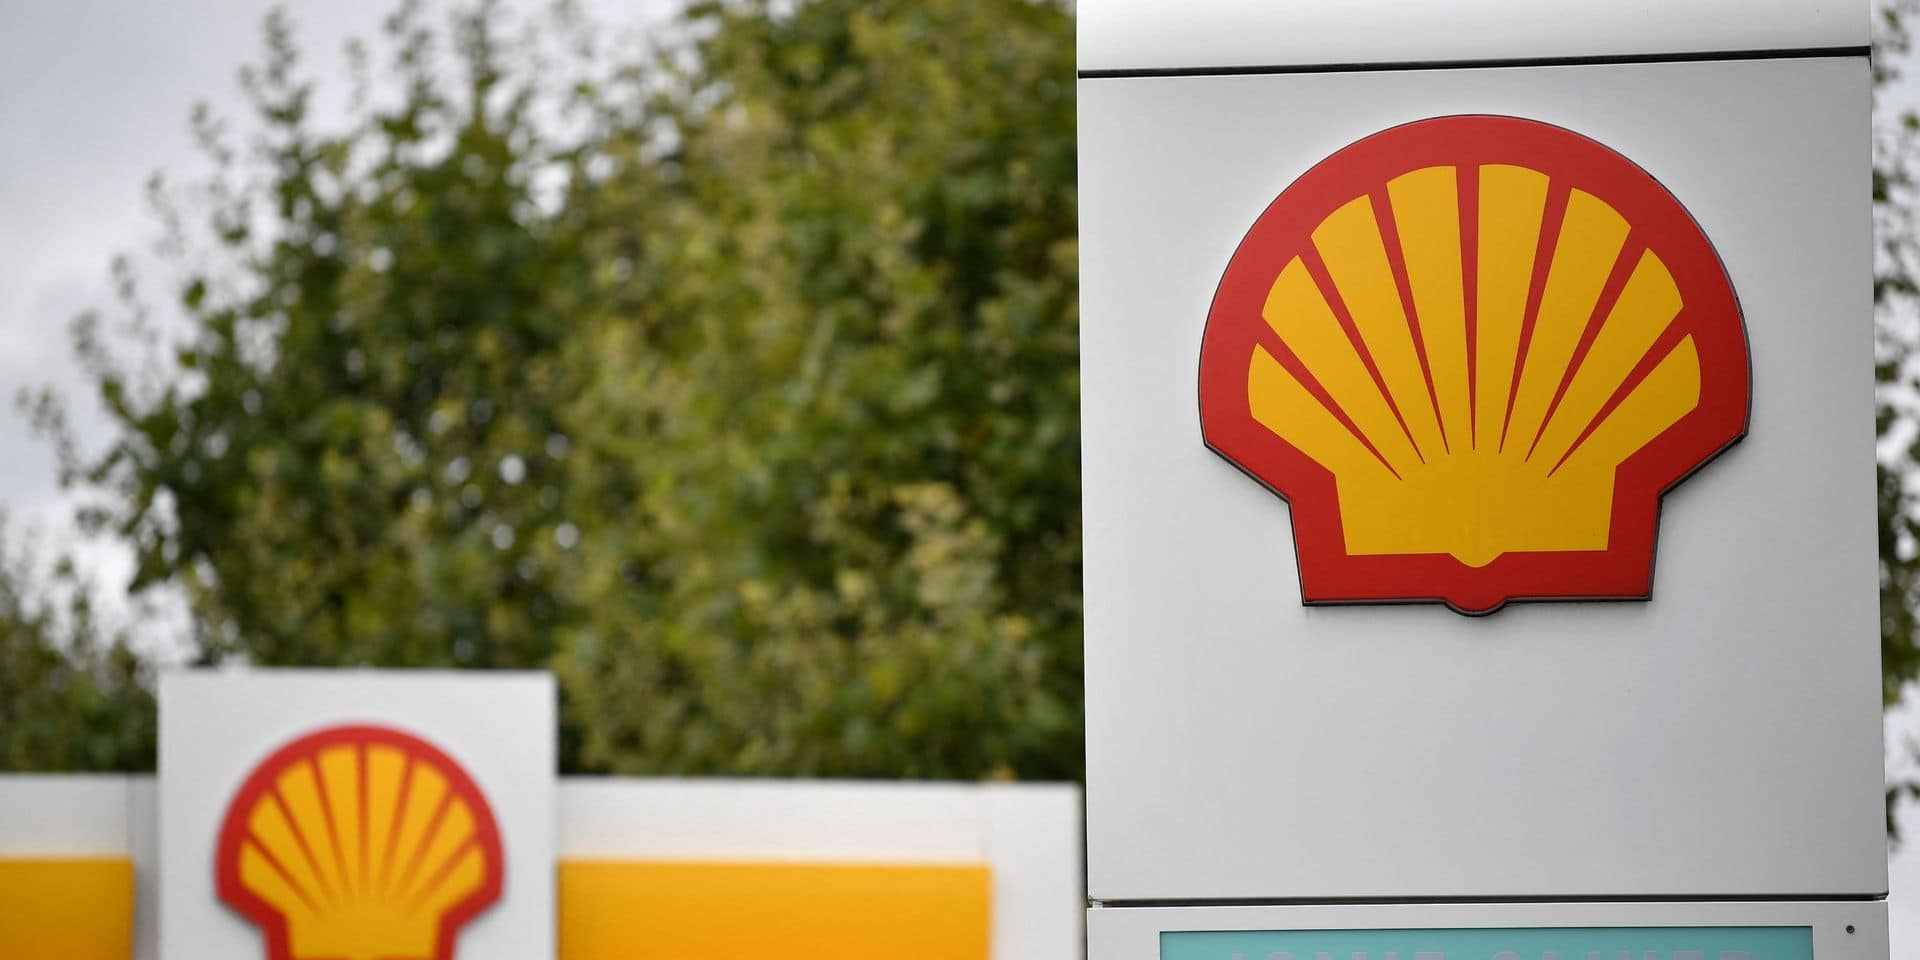 La justice néerlandaise ordonne à Shell de réduire ses émissions de CO2 de 45 % d'ici 2030